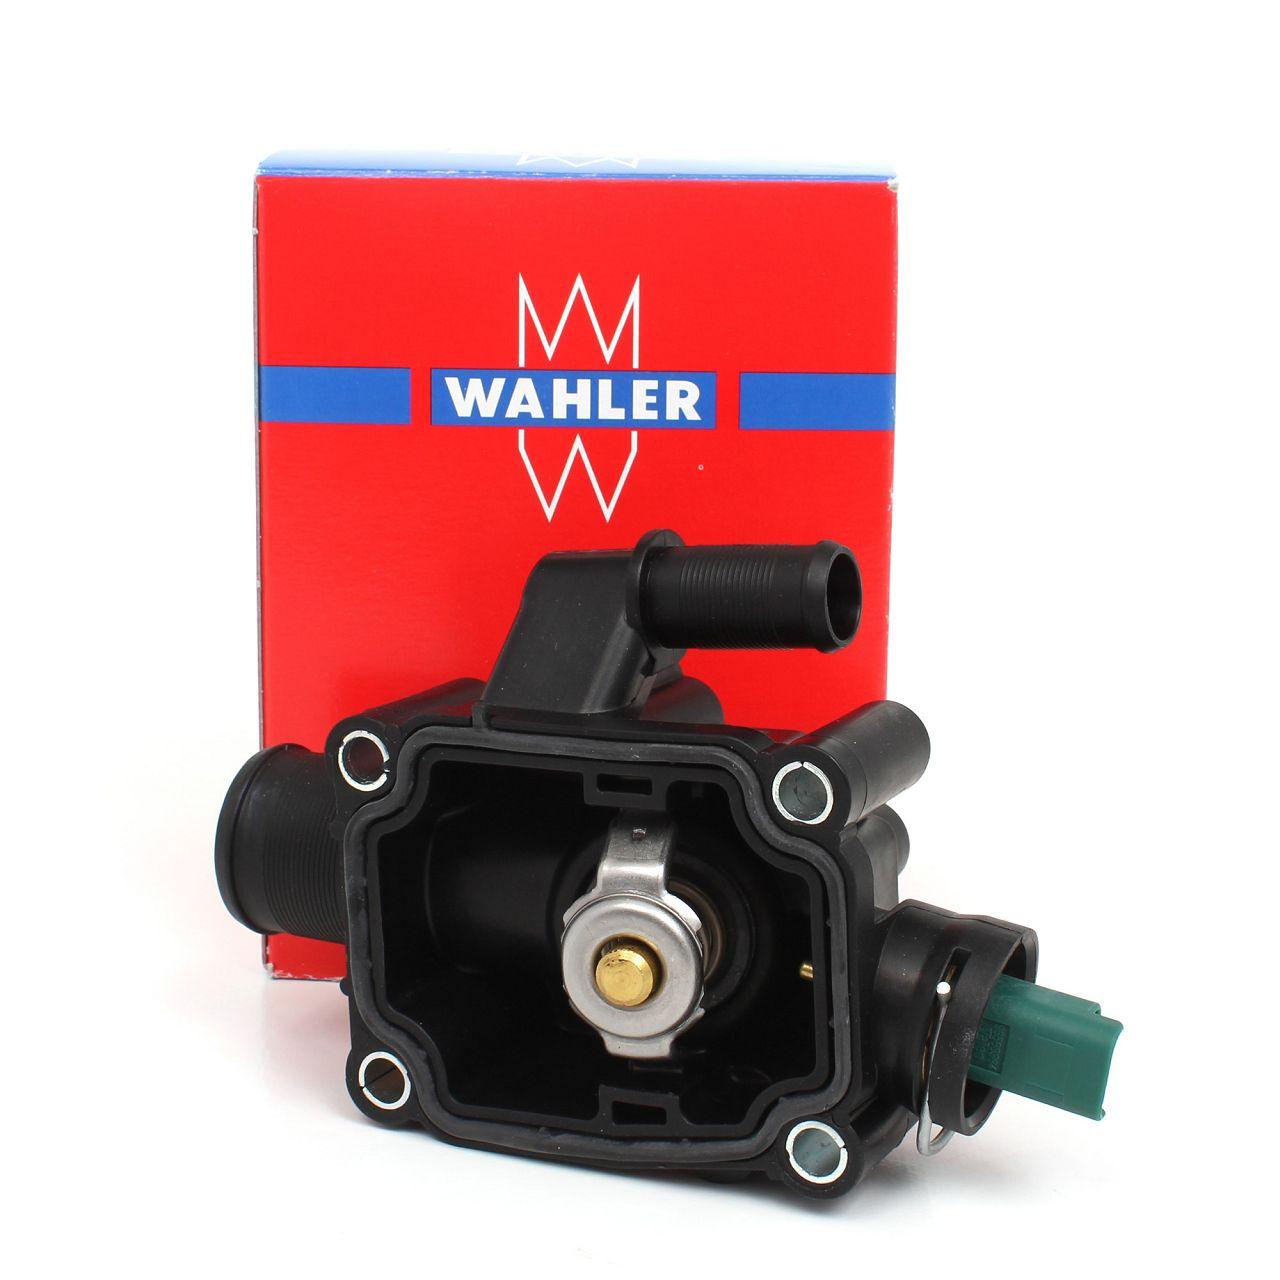 WAHLER Thermostat 410705.89D Berlingo C2 C3 C4 Xsara 1007 206 207 307 Partner